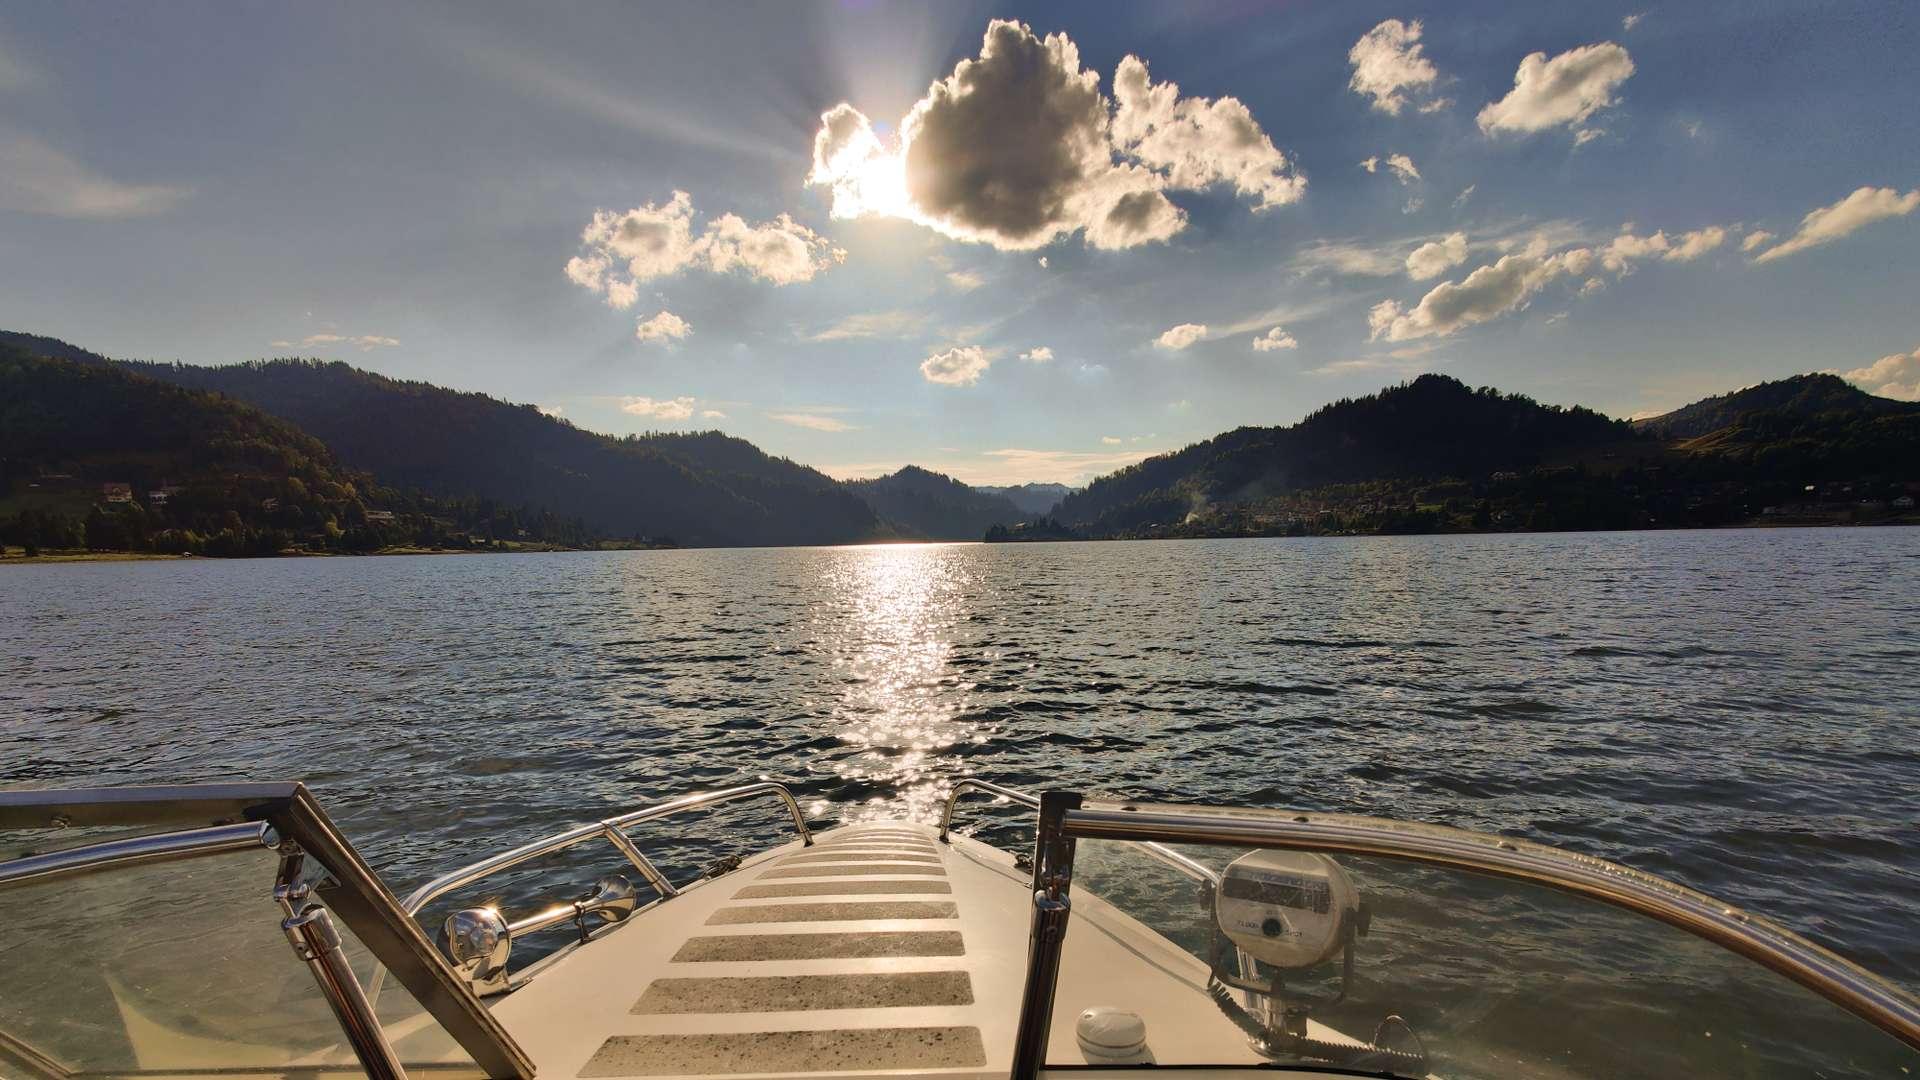 lumina lacului de pe barca